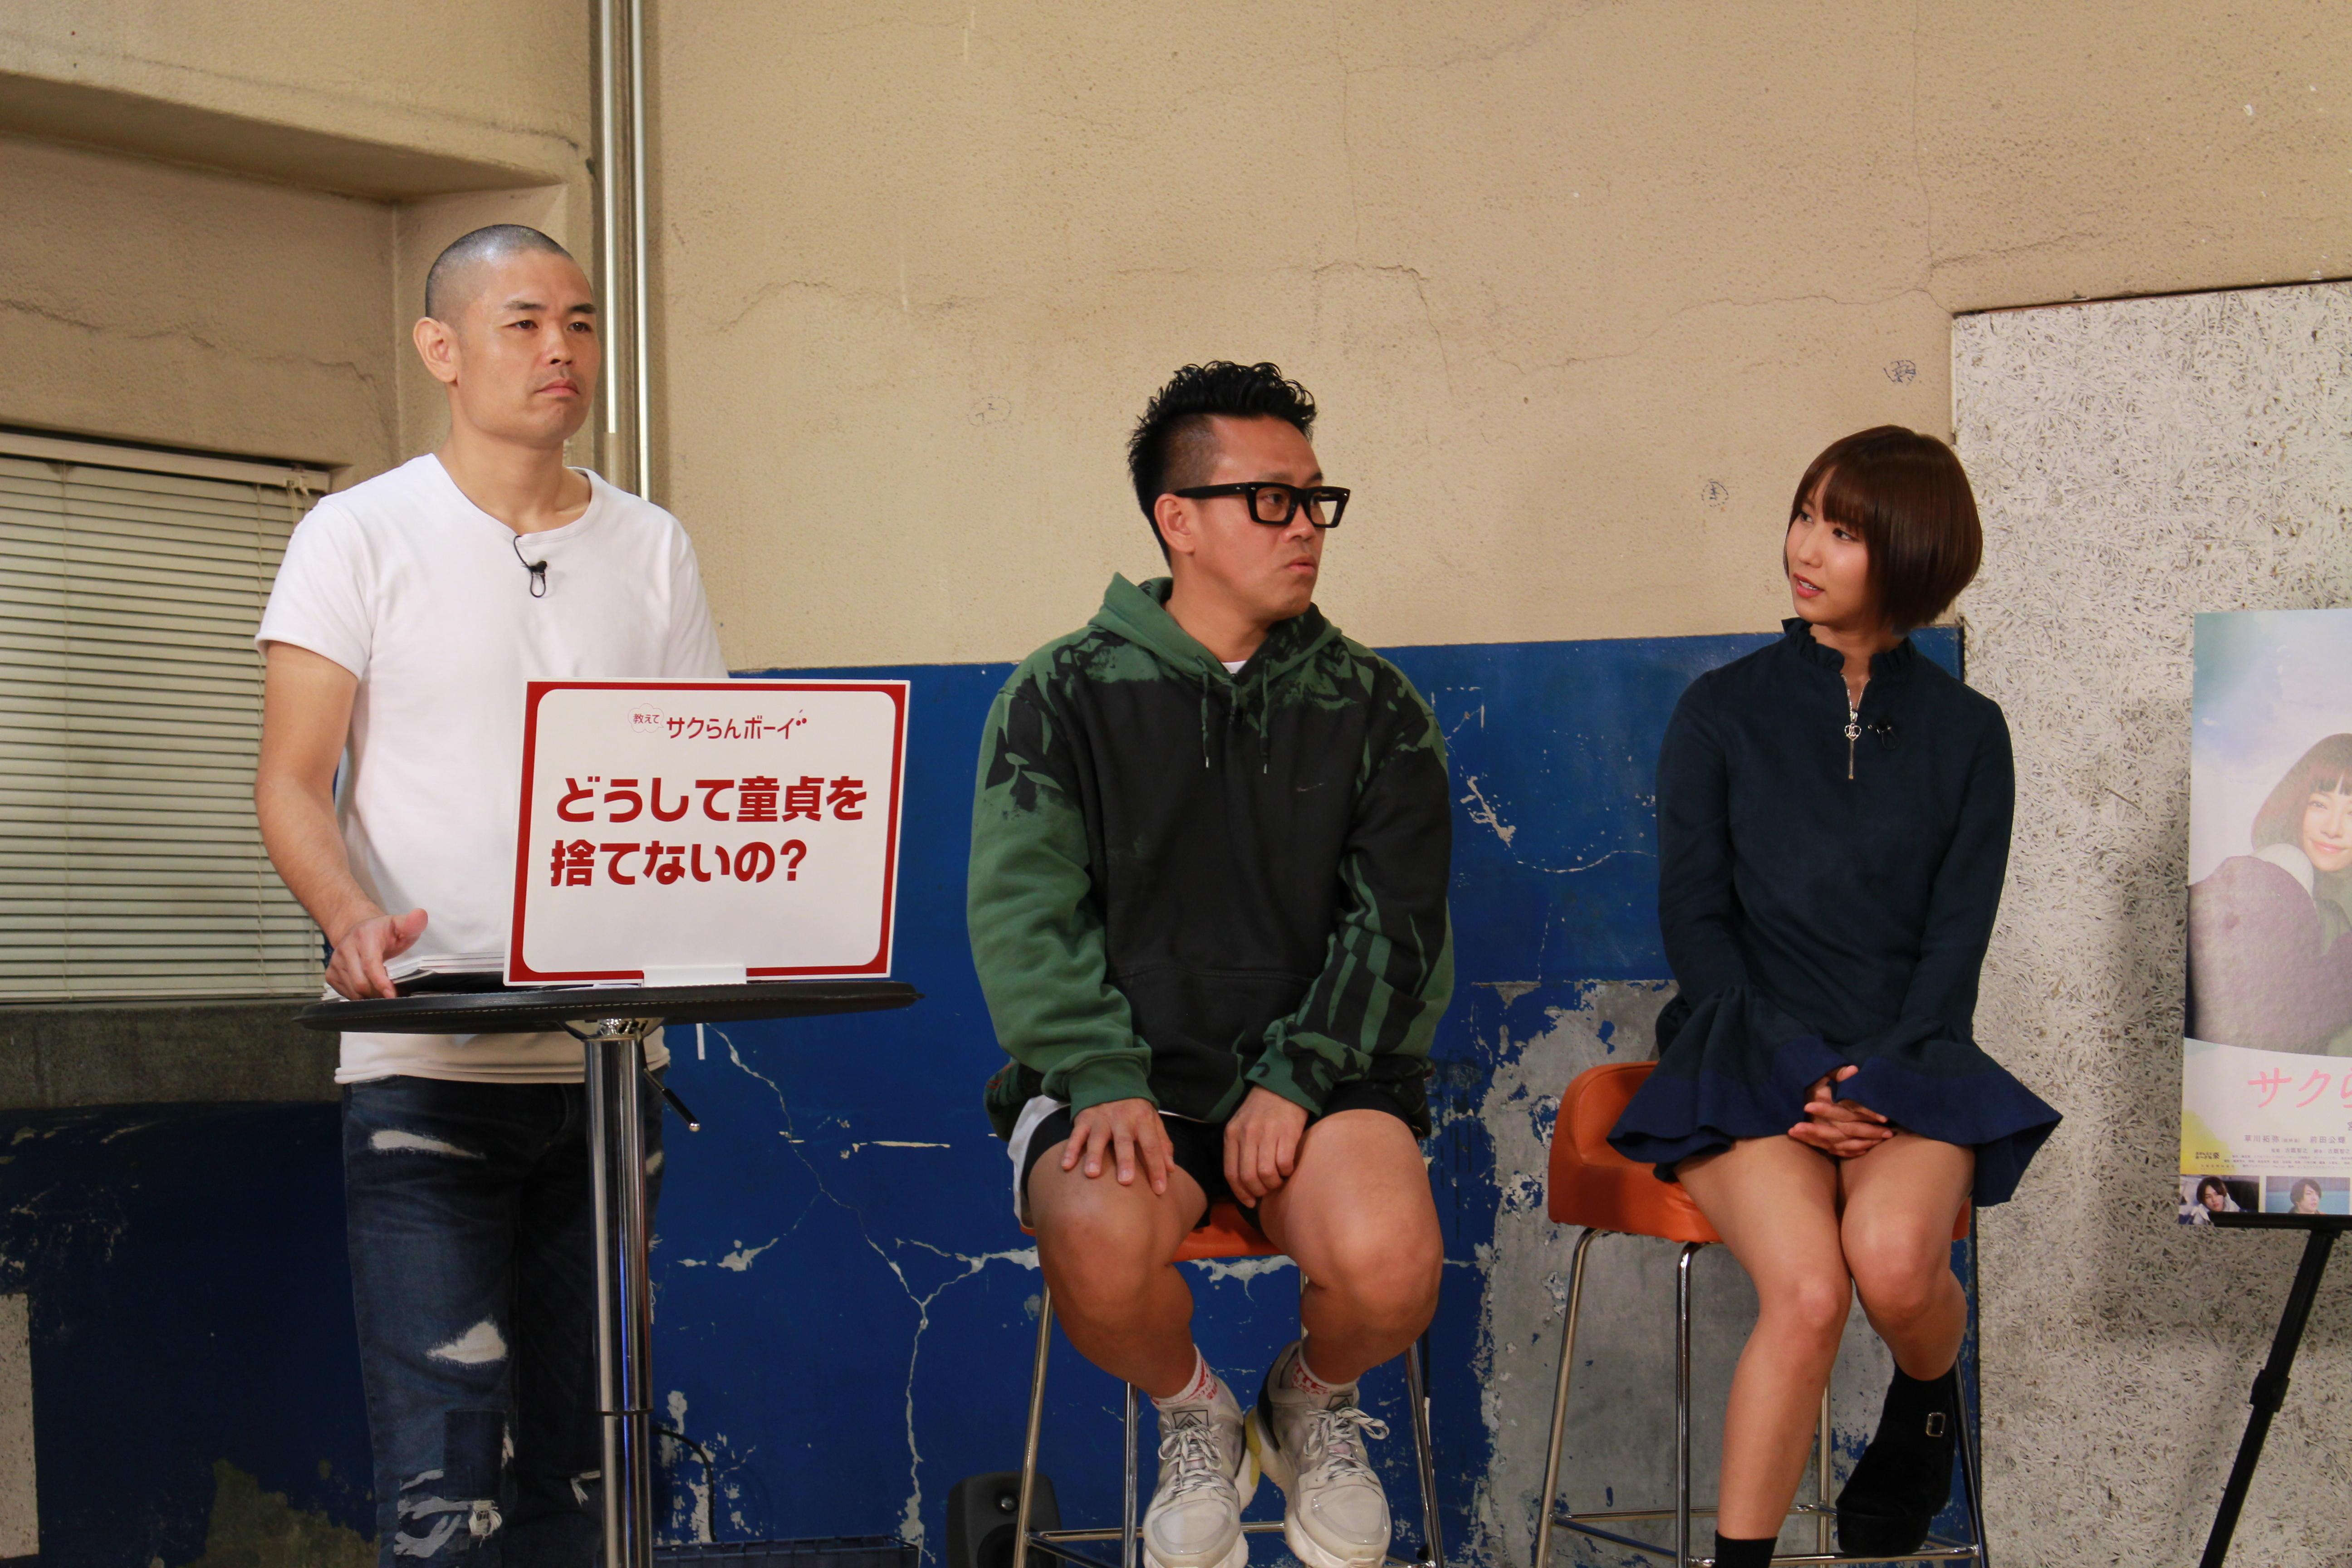 http://news.yoshimoto.co.jp/20181109175315-5d24cf2b380ed63eed520c150cb6056850580acd.jpg